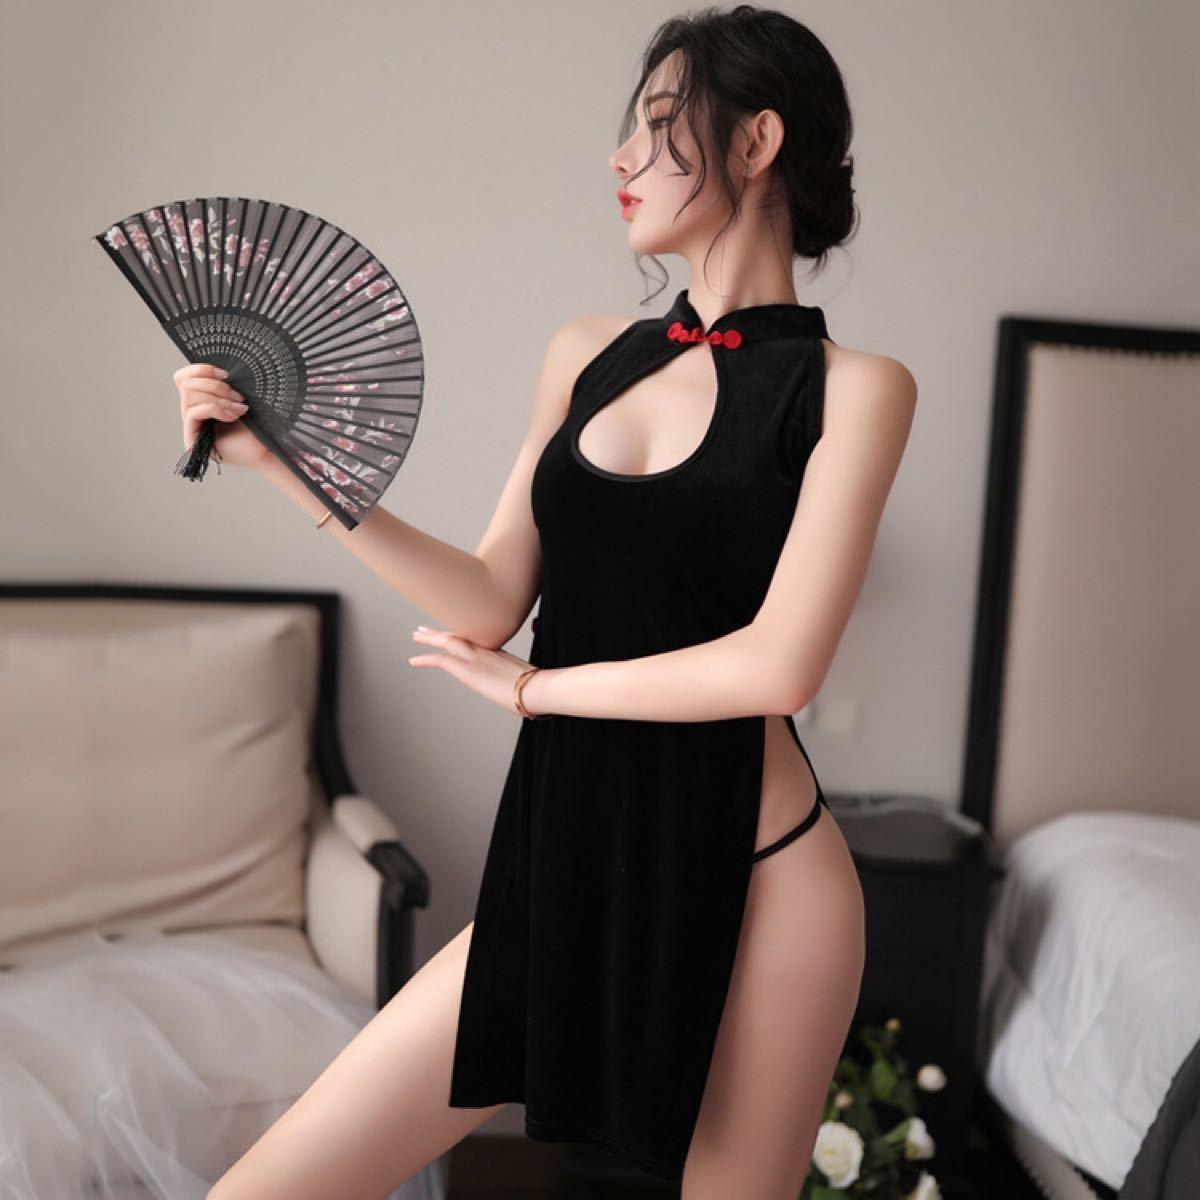 セクシーランジェリー☆コスプレ衣装☆ベロア風チャイナドレス